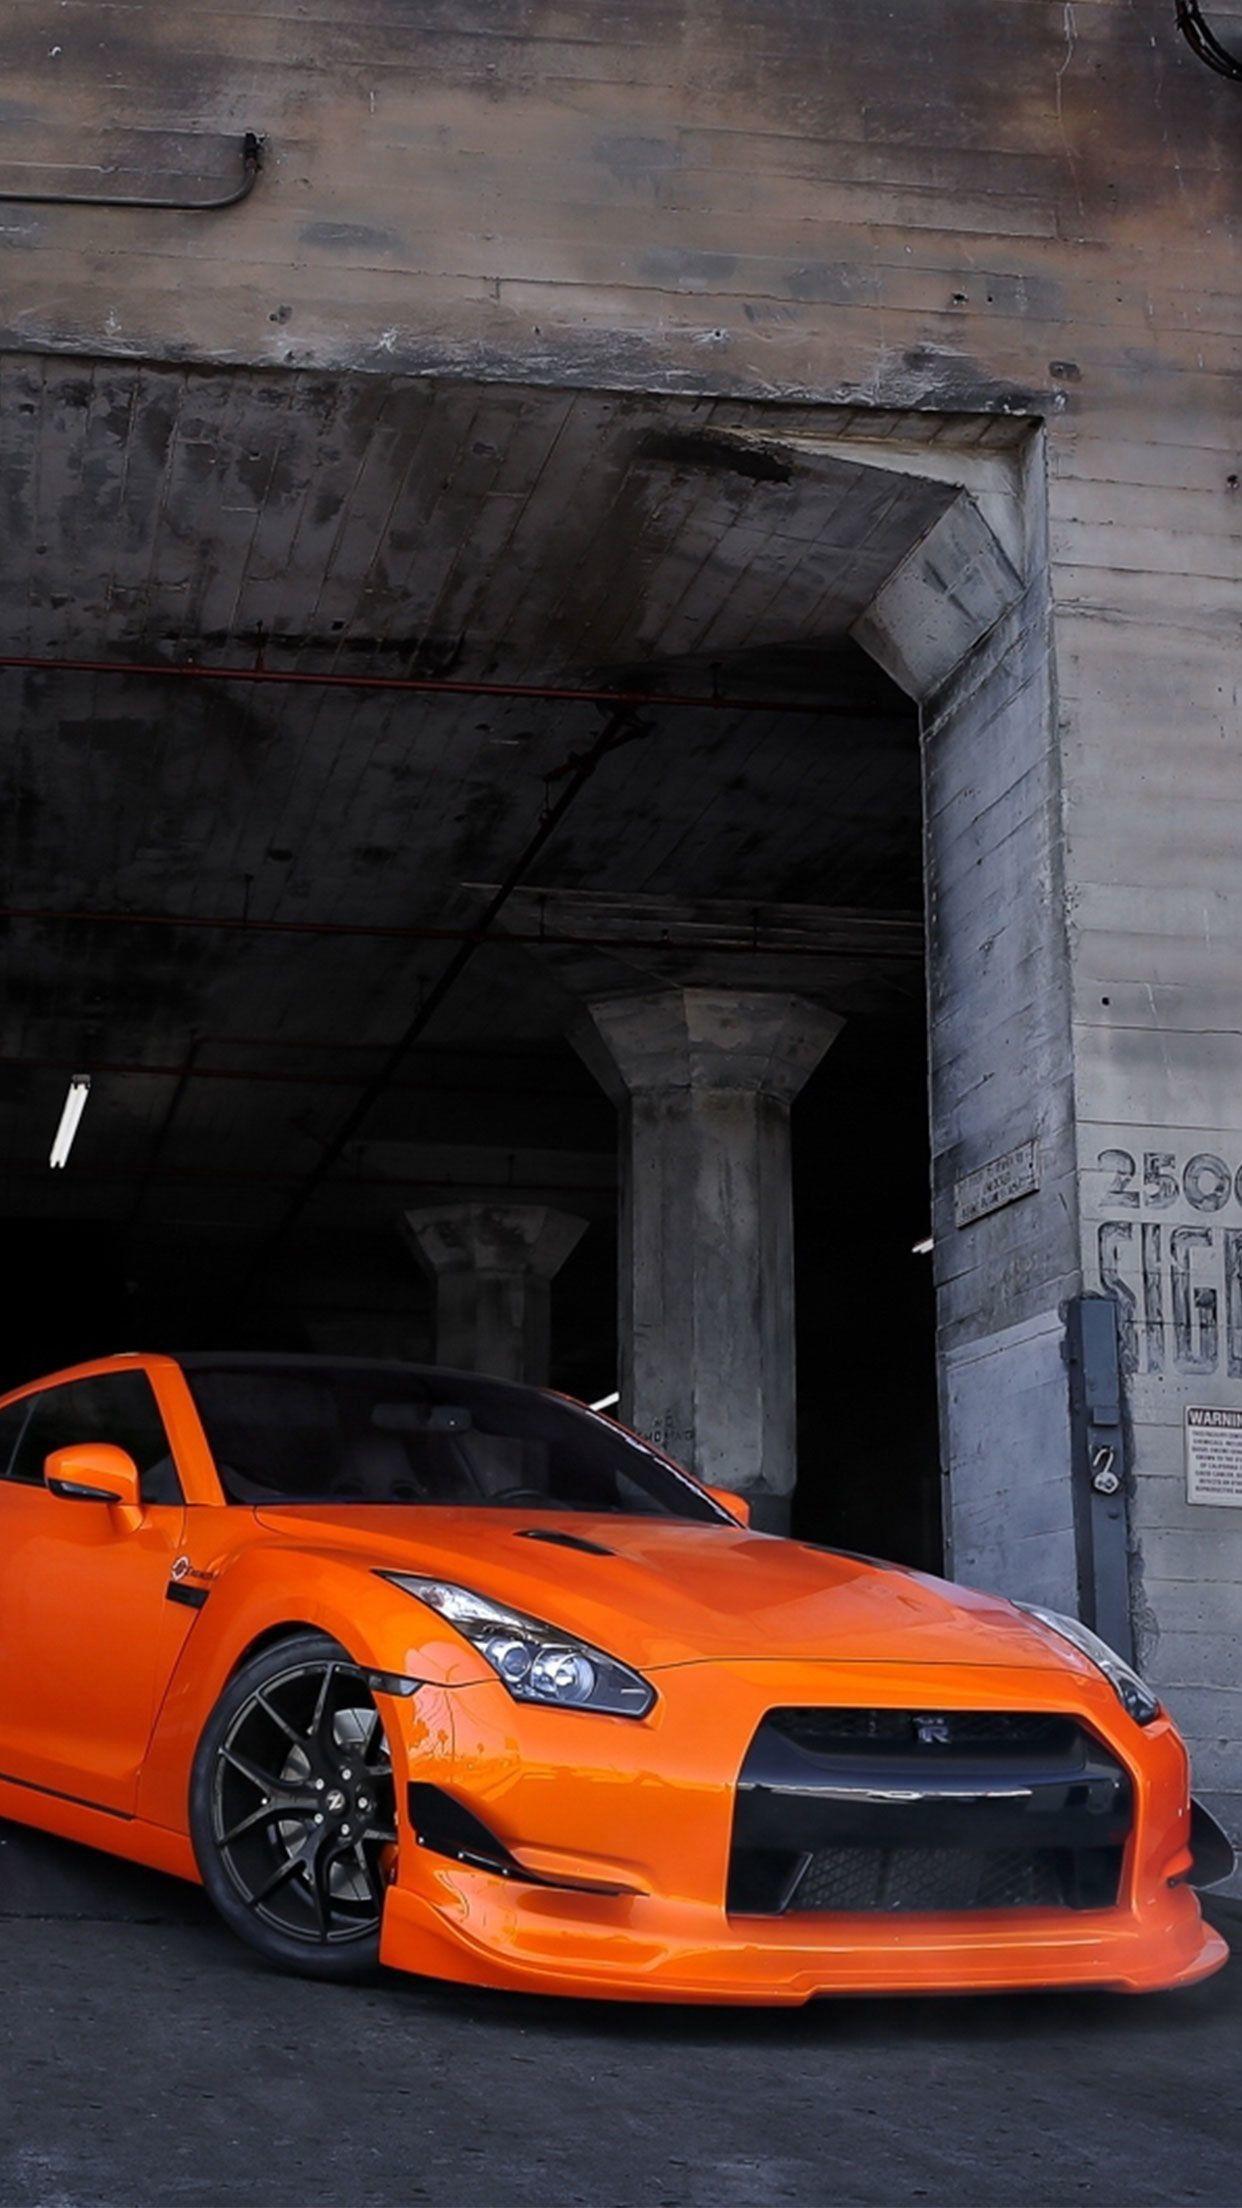 Iphone 11 Car 4k Wallpapers Wallpaper Cave